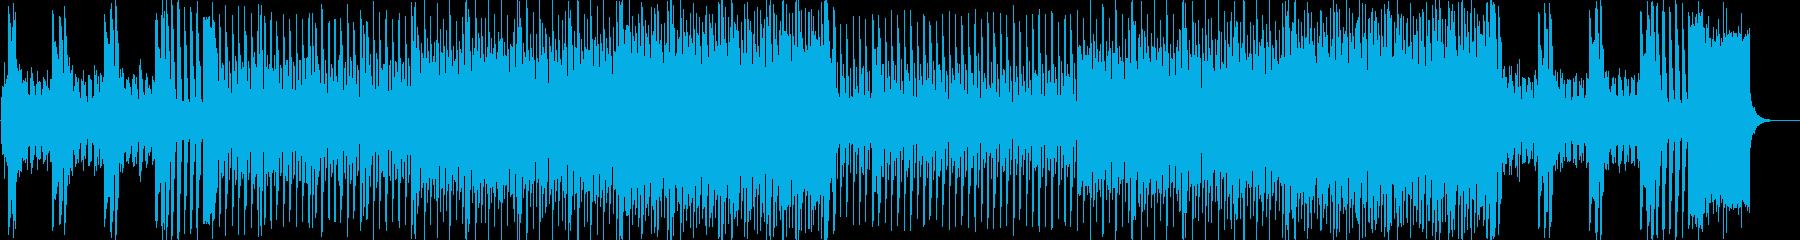 ピアノイントロ、キラキラしたJPOP風cの再生済みの波形